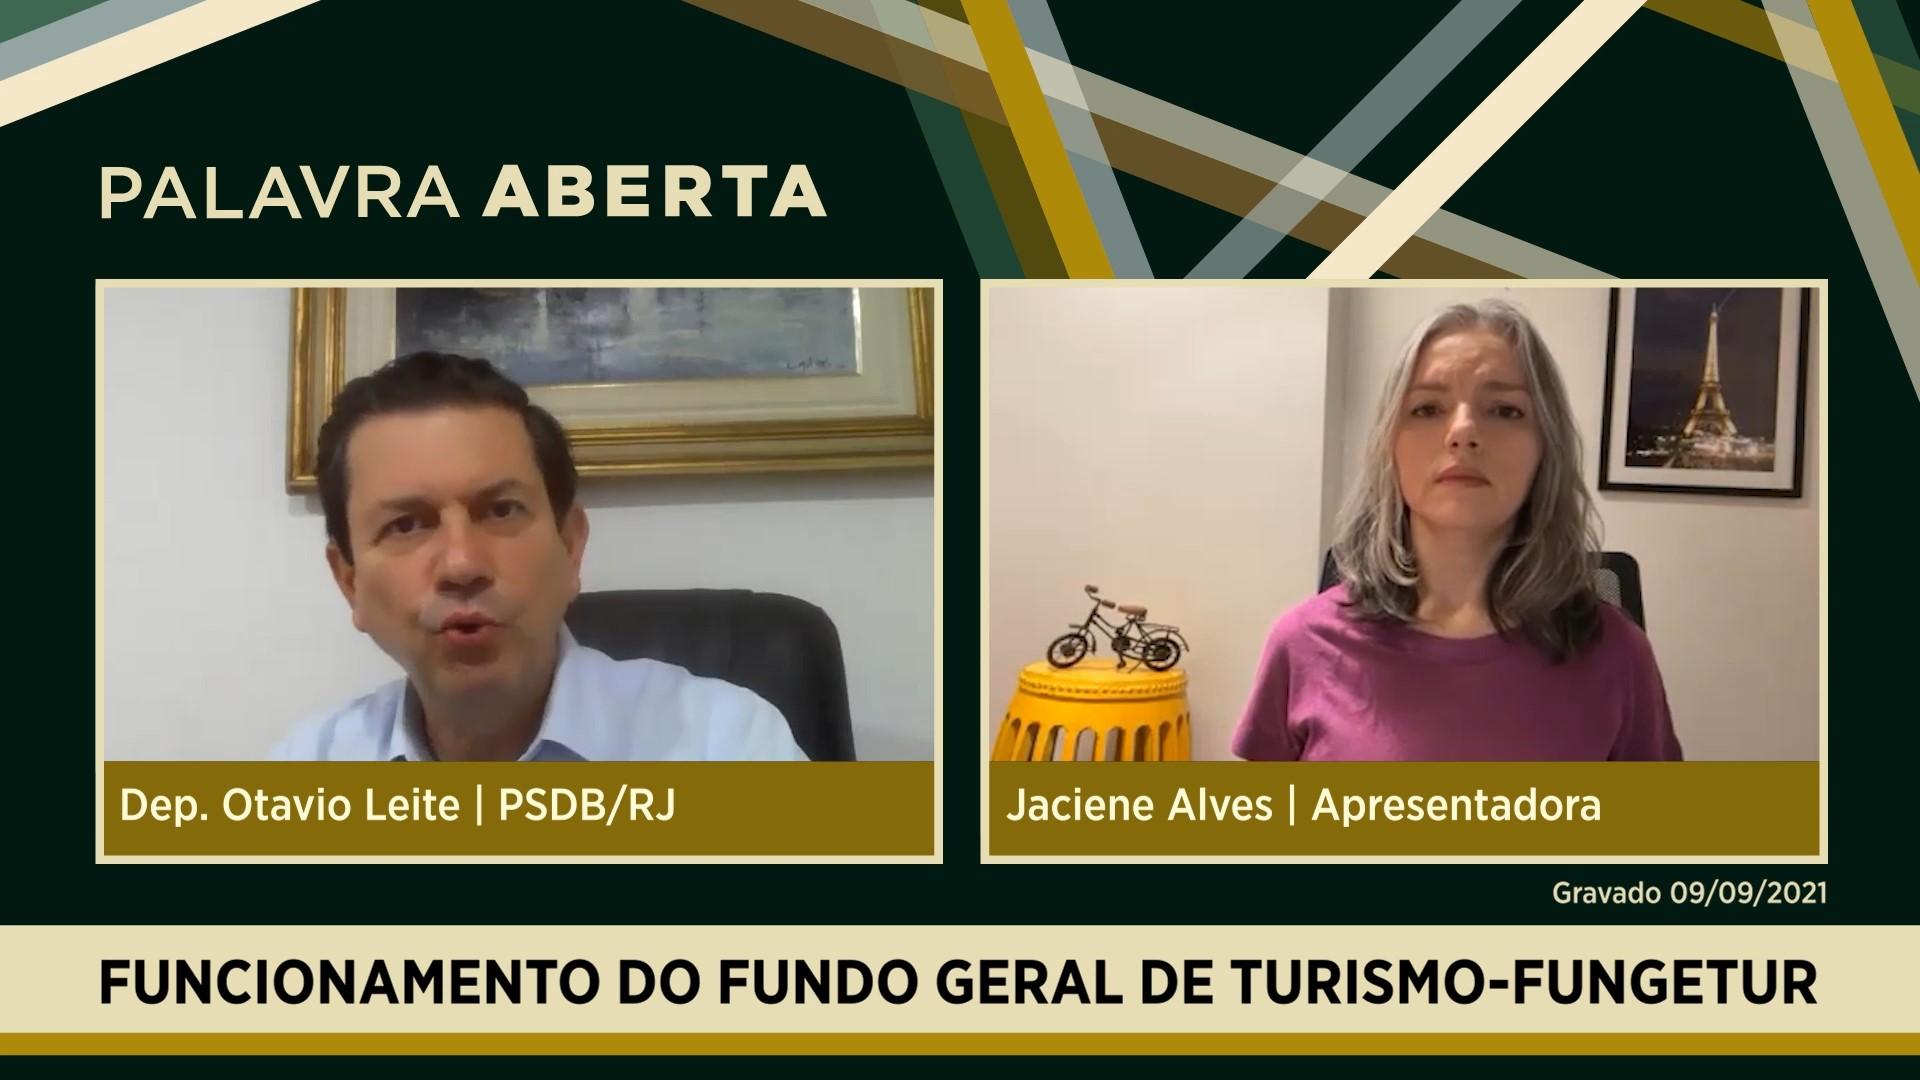 Funcionamento do Fundo Geral de Turismo - Fungetur